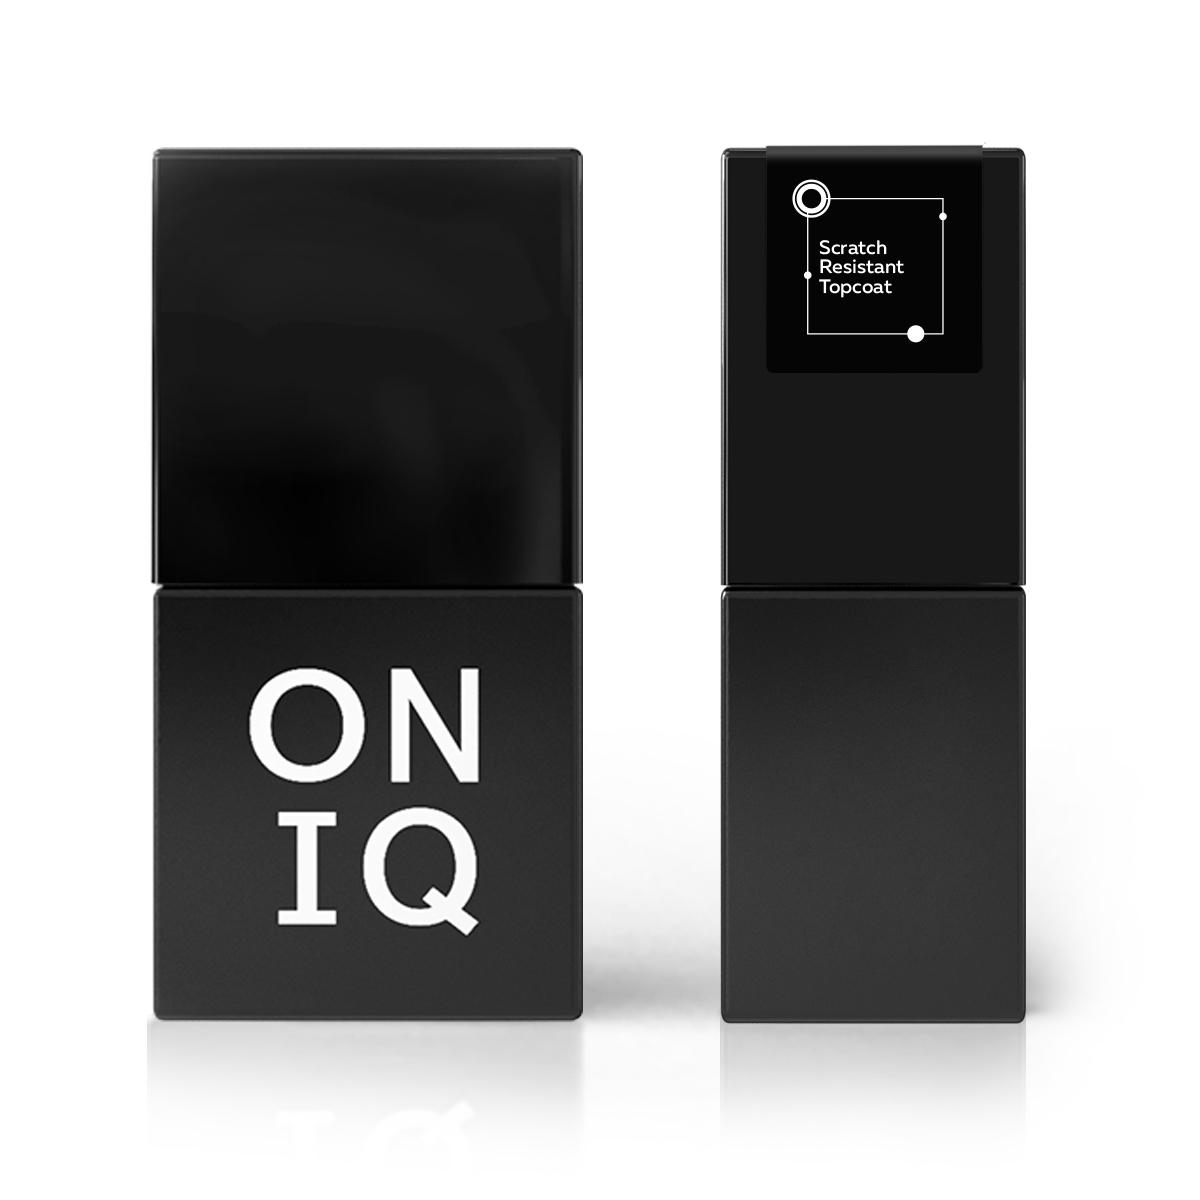 ONIQ Покрытие финишное без липкого слоя, устойчивое к повреждениям, 10 мл - Особые средства